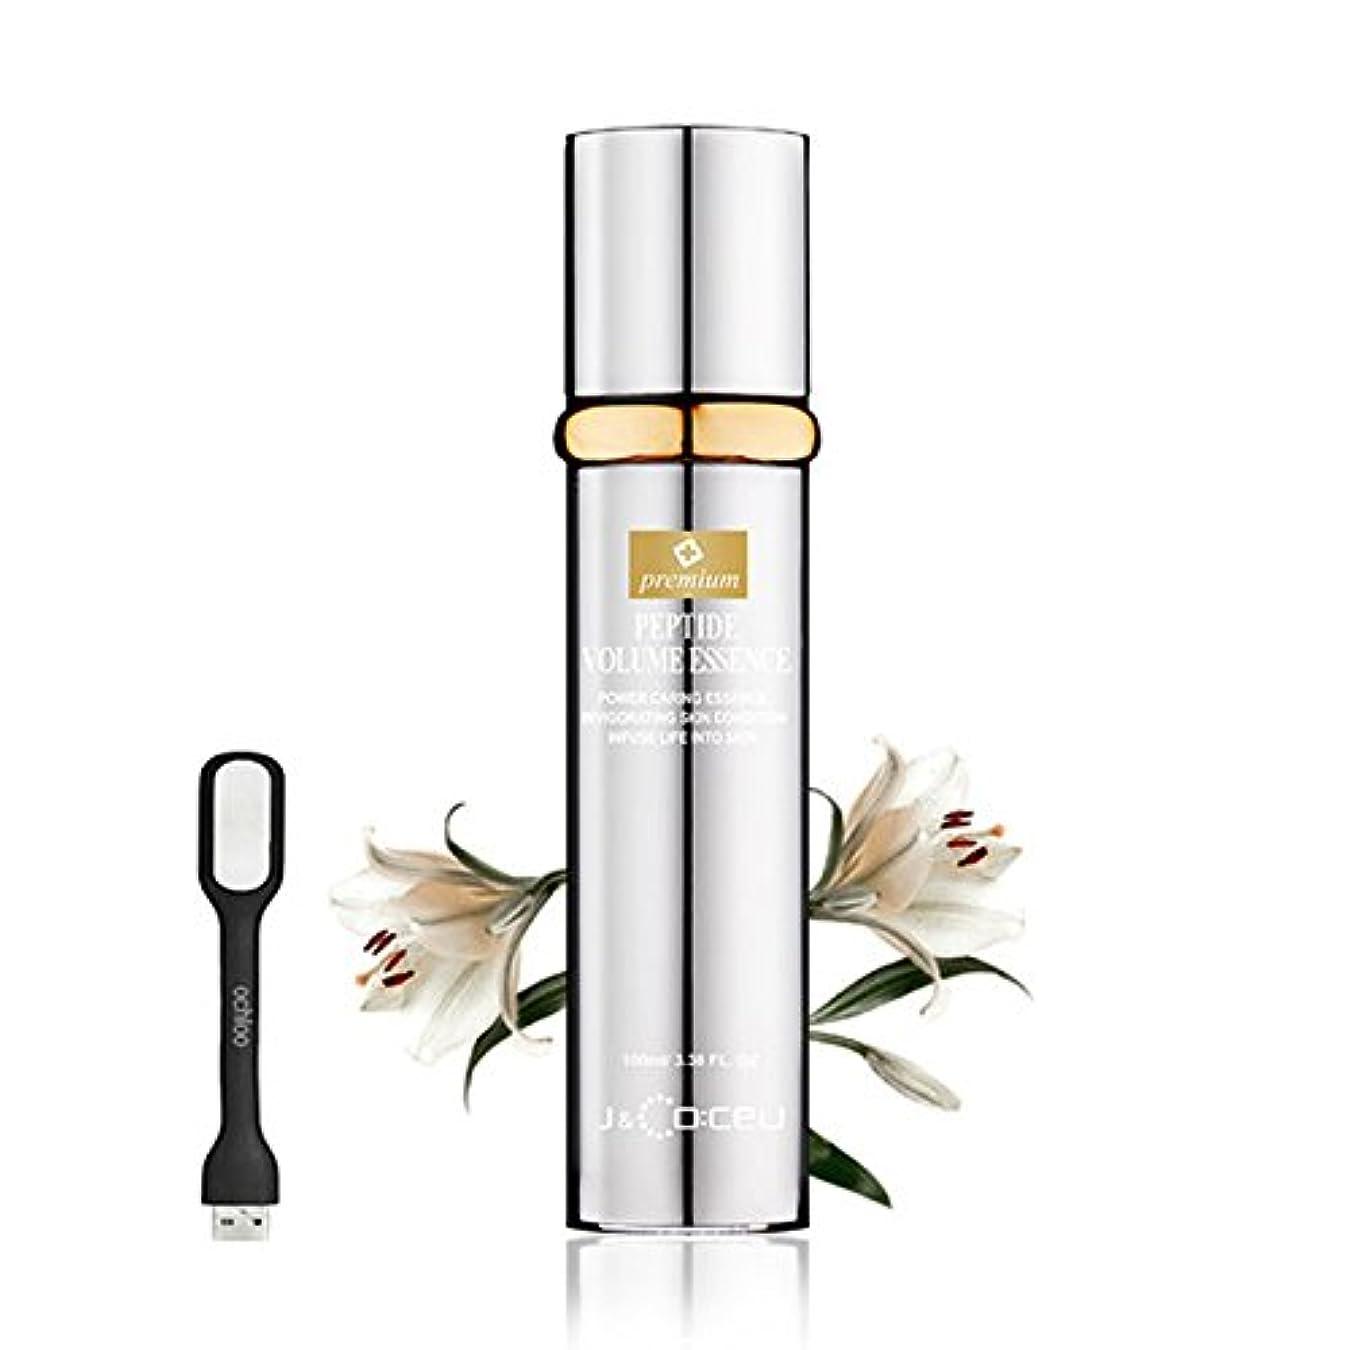 同行するルーキー分解するPremium Peptide Volume Essence 100ml: Upgraded Cosmetic Botox Anti-Wrinkle Essence All in One Wrinkle-care Firming...